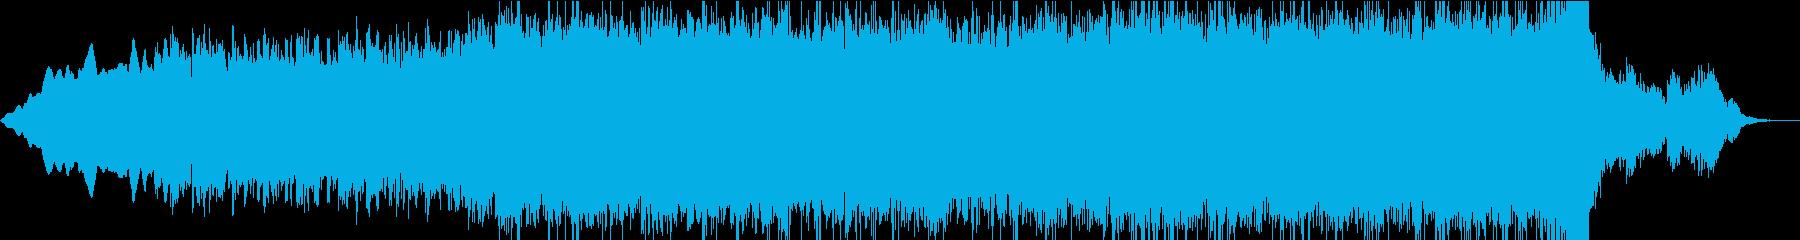 シンセサイザーの幻想的な曲の再生済みの波形